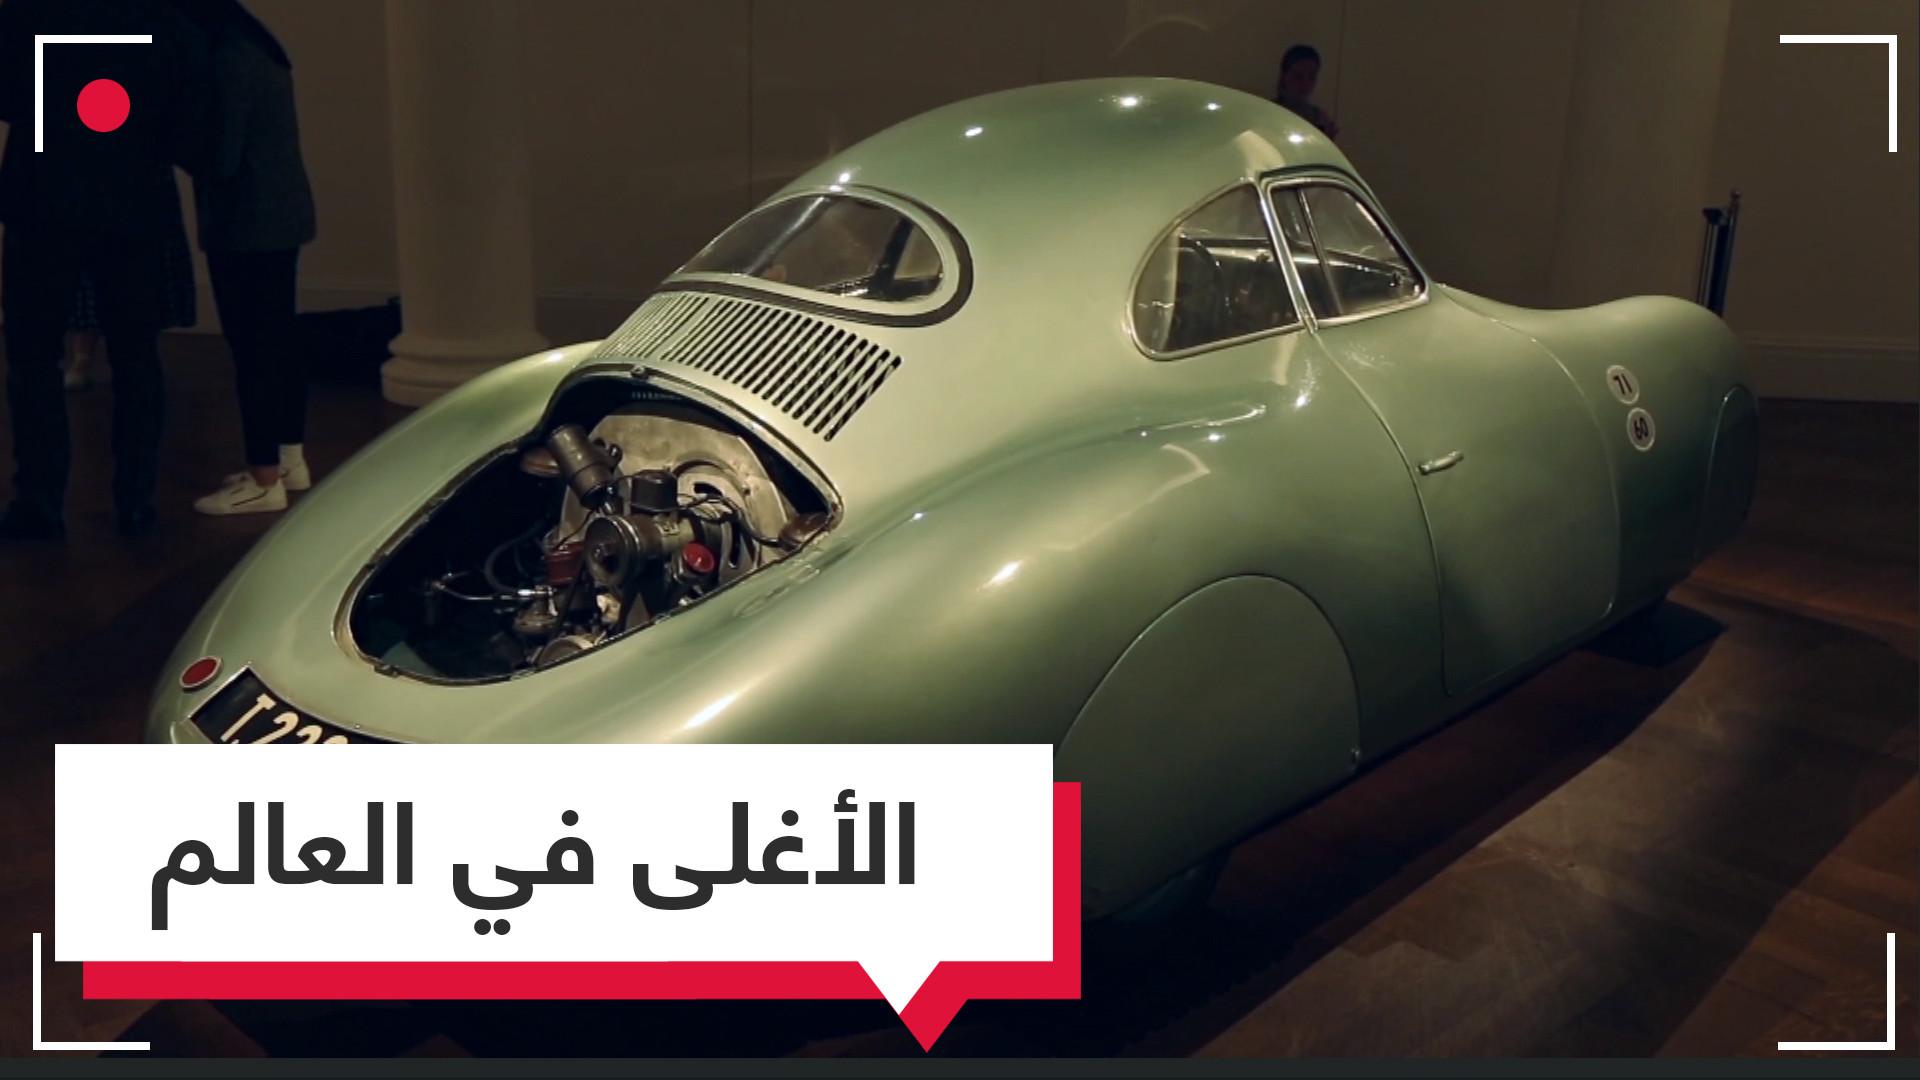 بالفيديو.. أقدم سيارة بورش في العالم معروضة للبيع